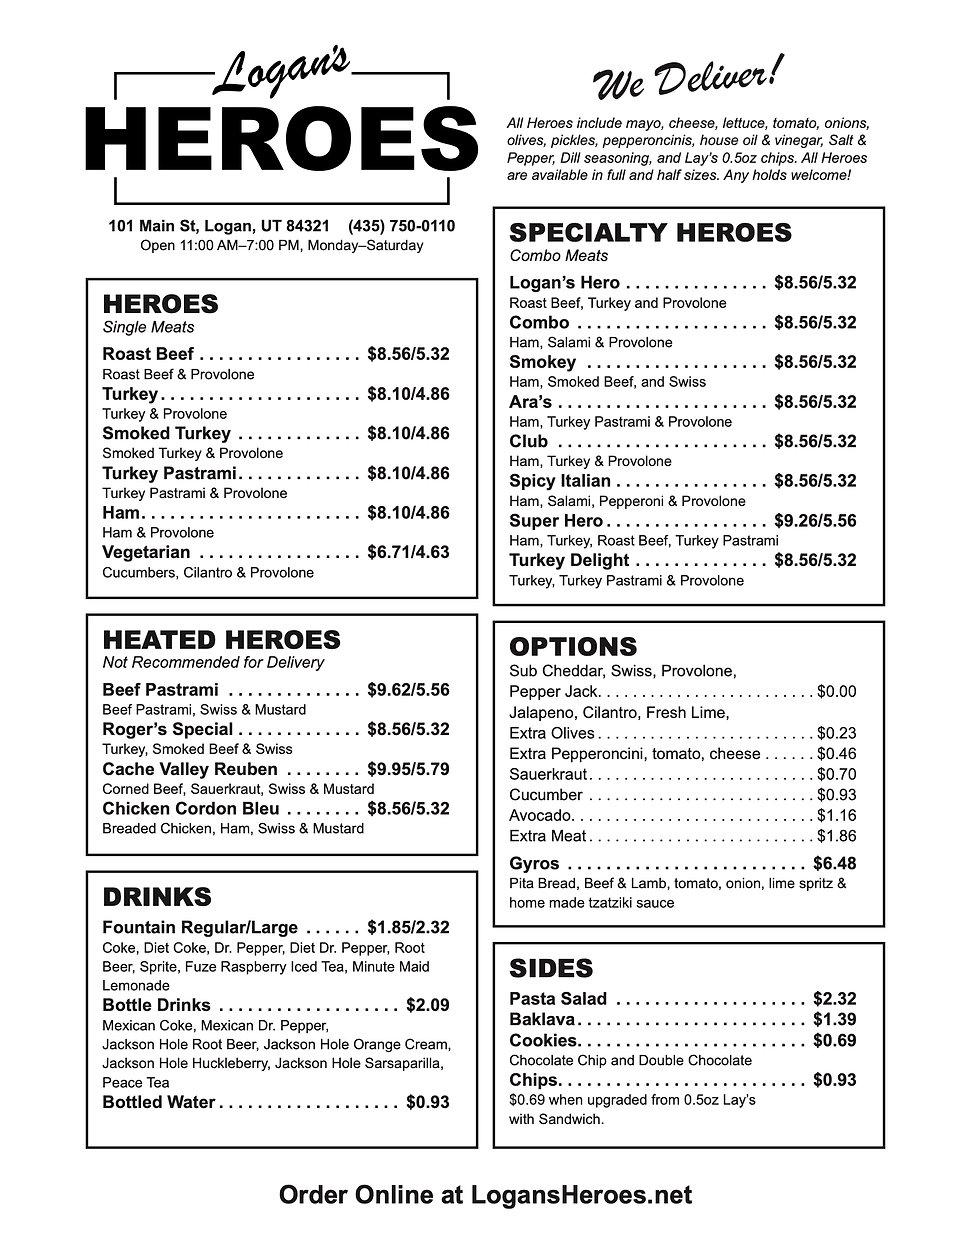 lh_menu-2020.jpg